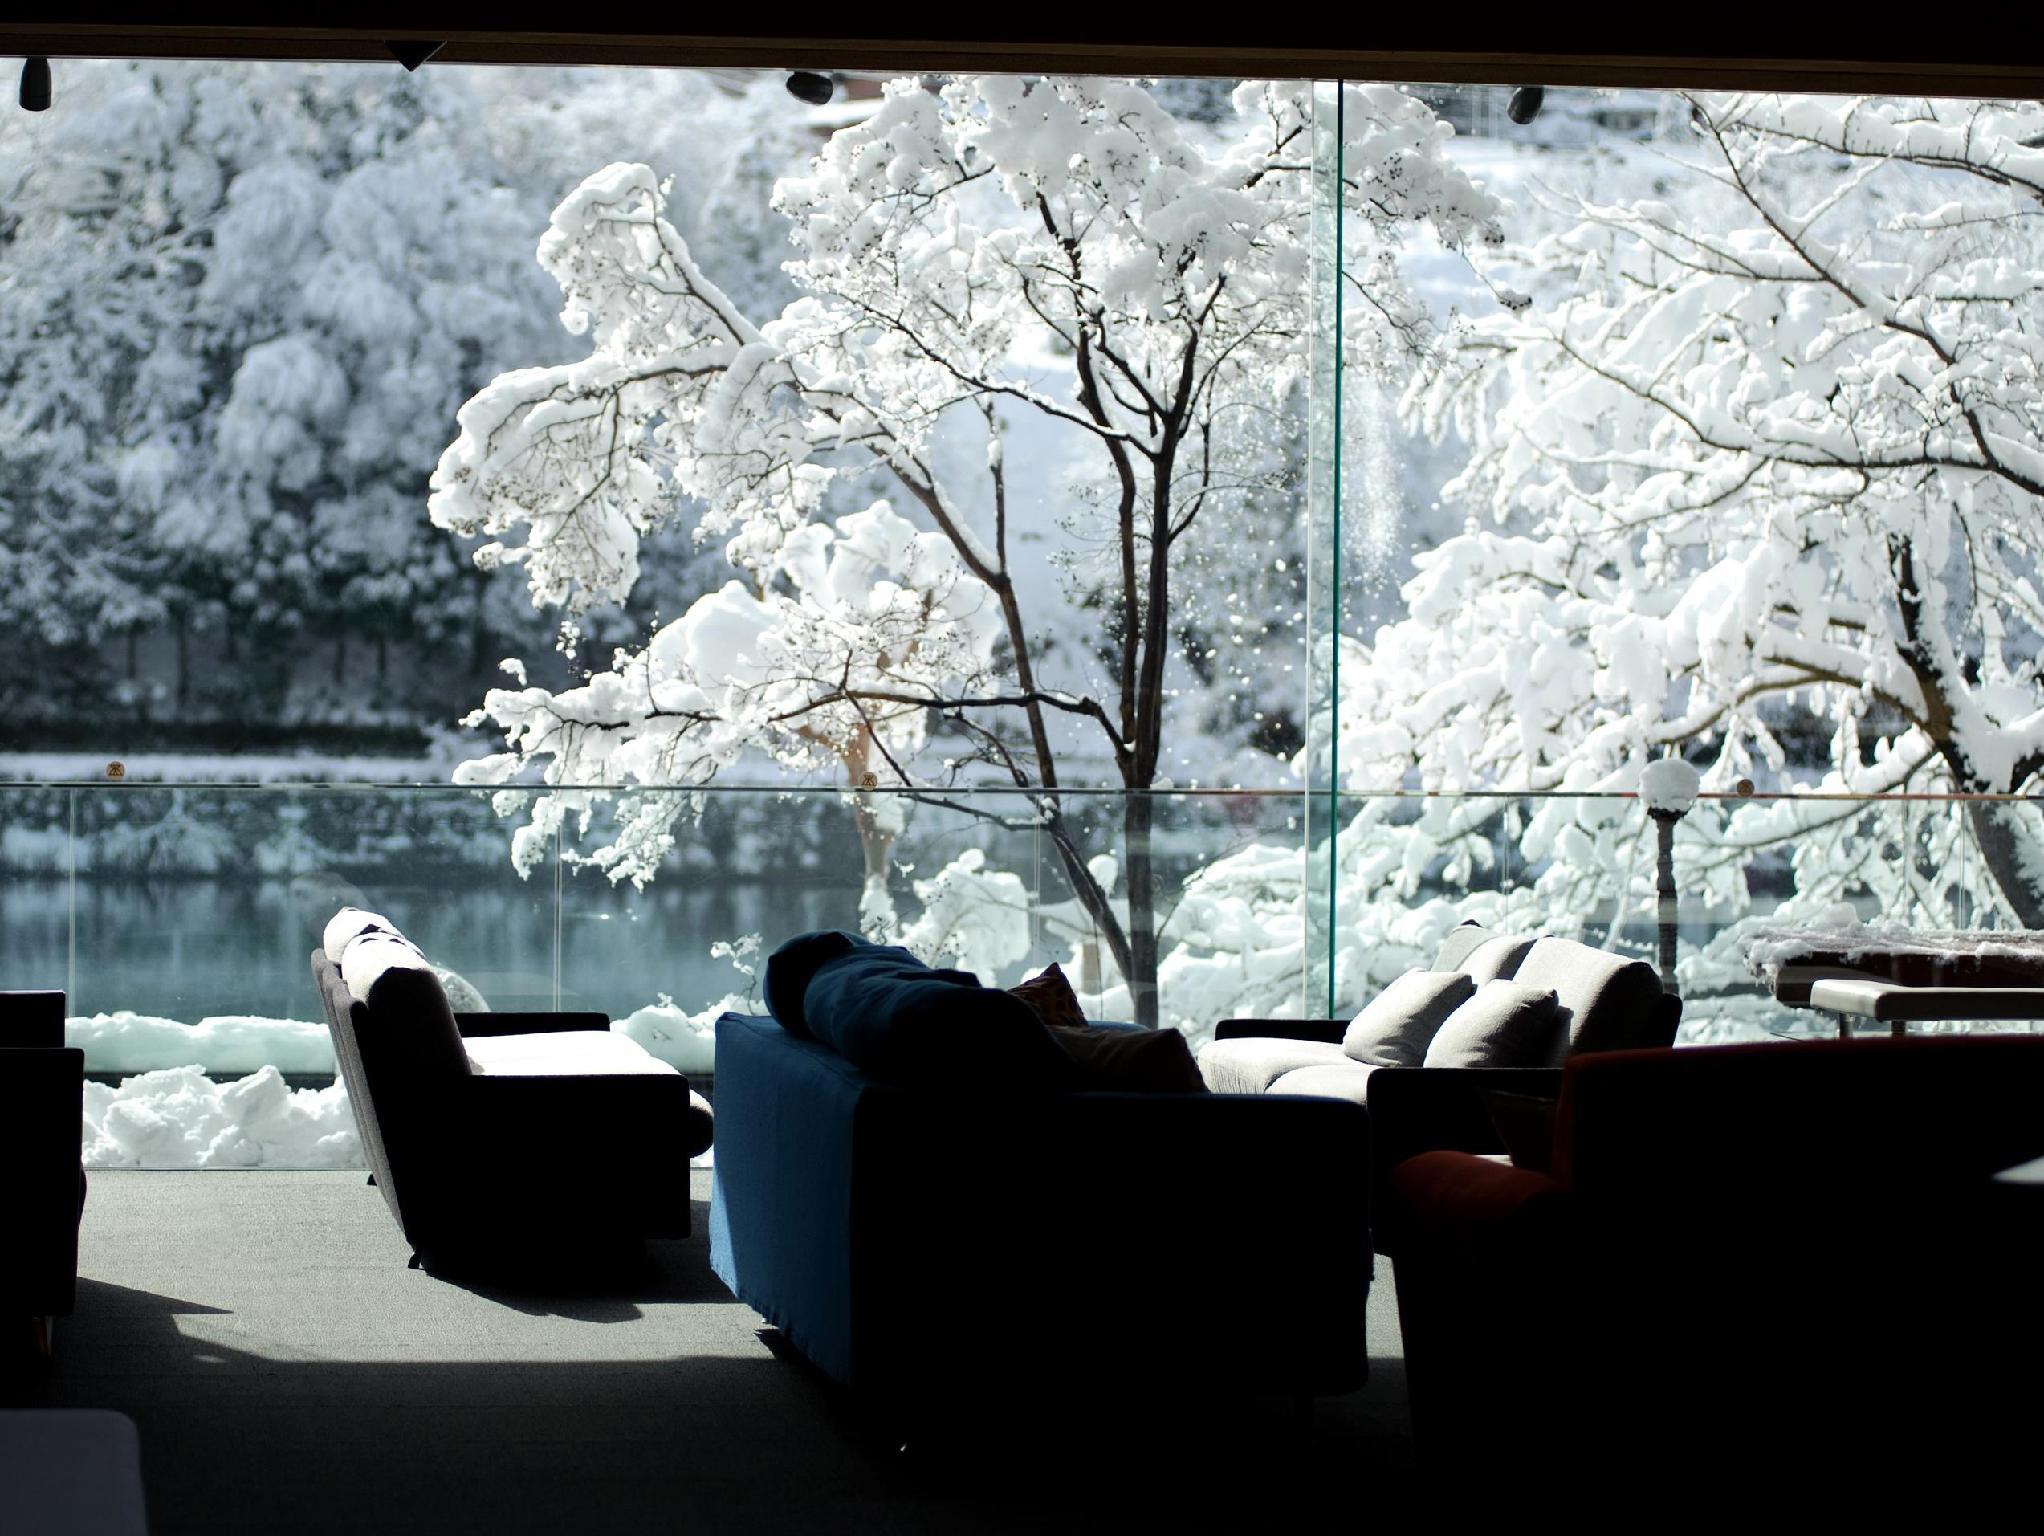 http://pix6.agoda.net/hotelImages/812/812824/812824_15092811390036433724.jpg